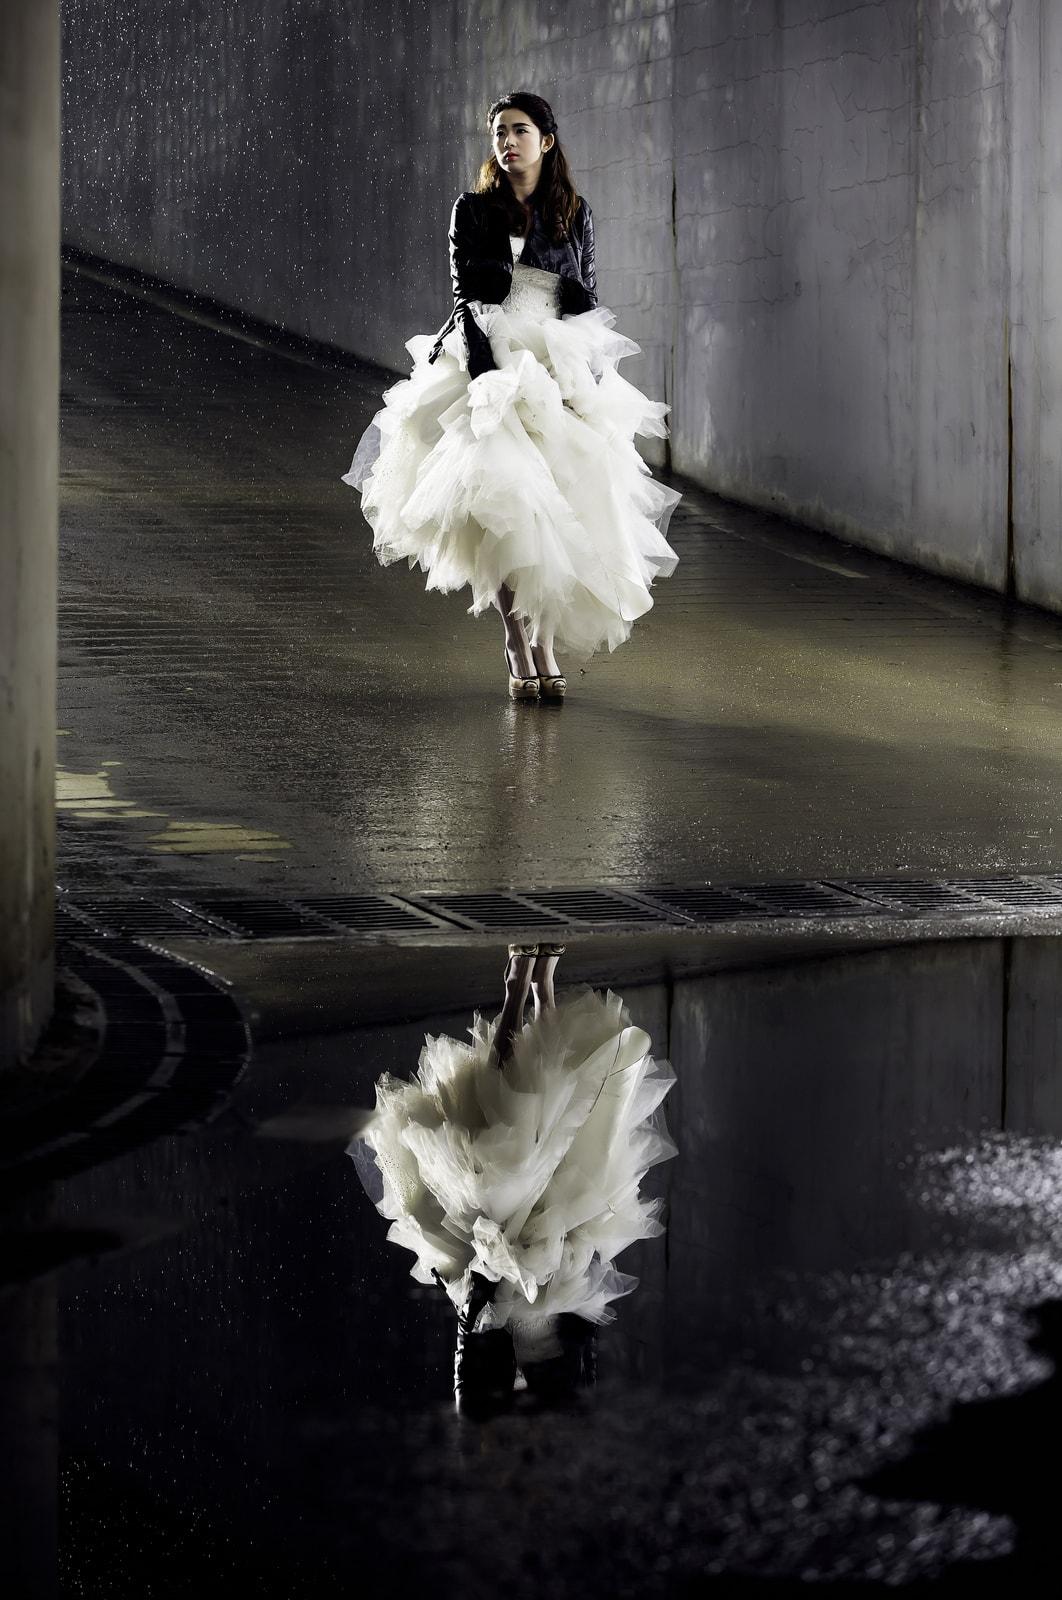 Charcos de lluvia